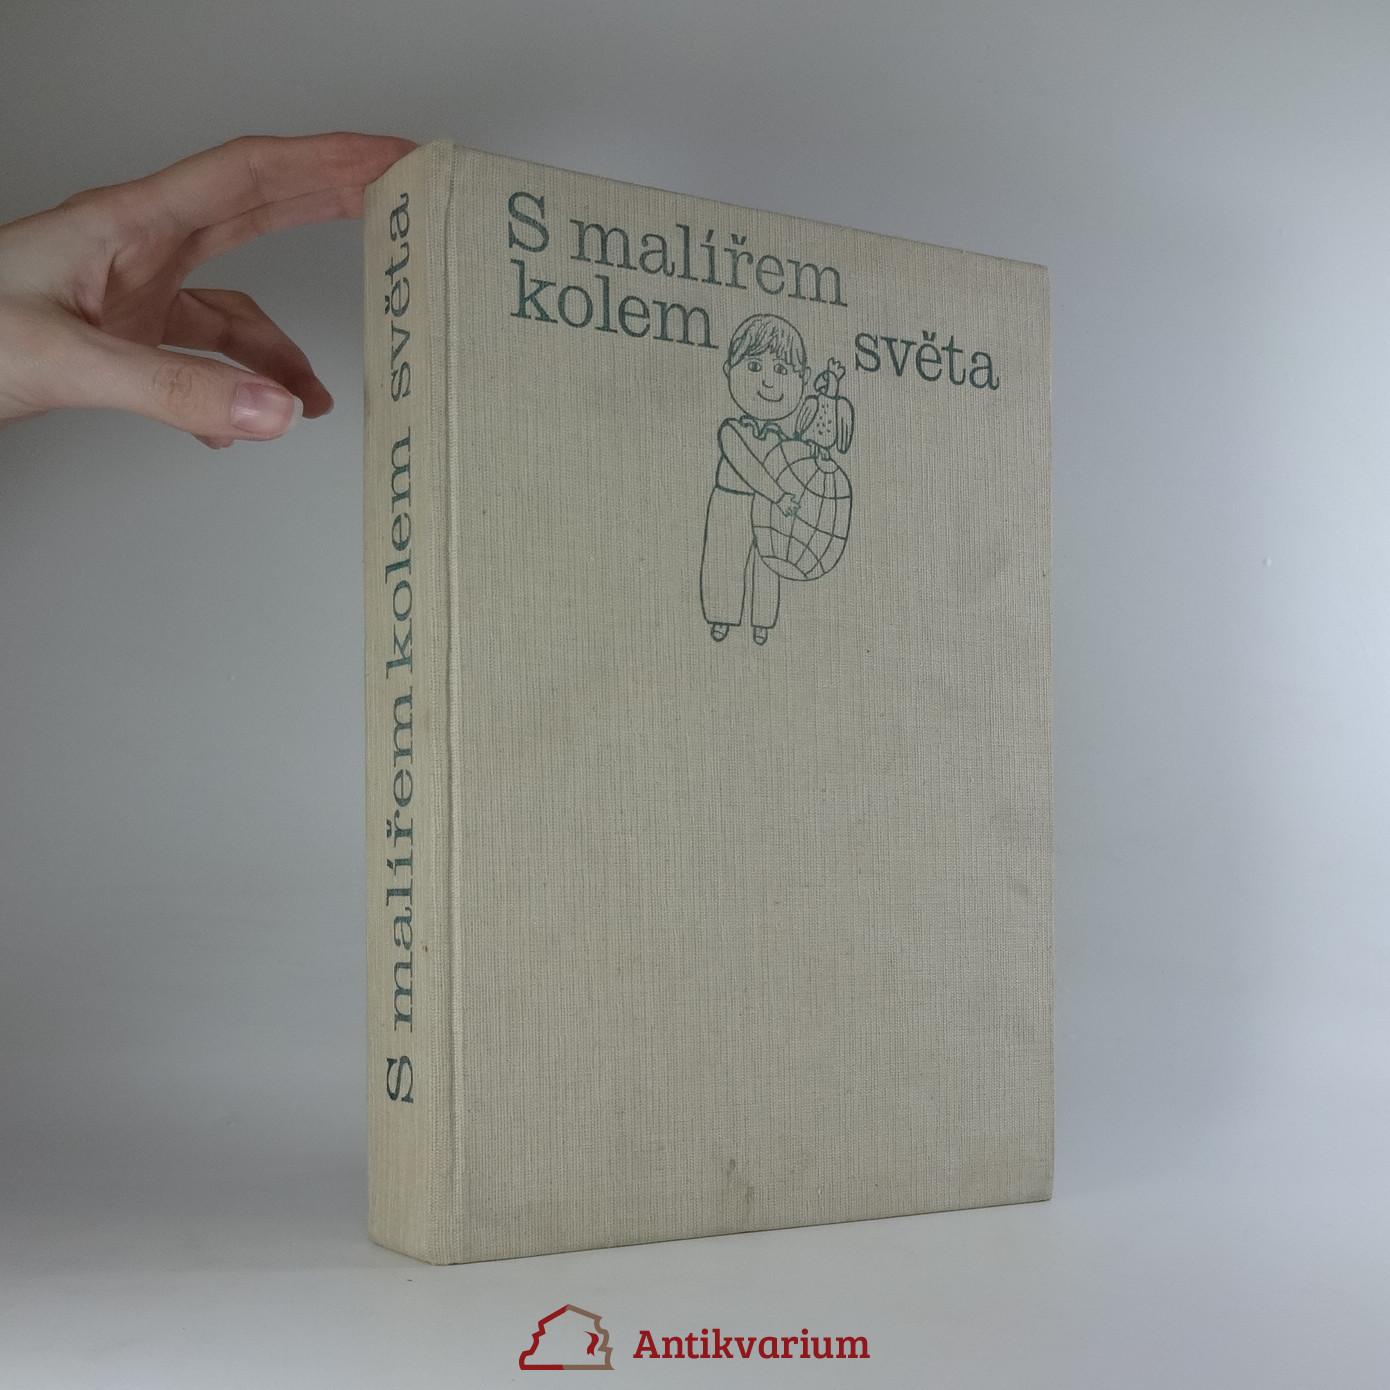 antikvární kniha S malířem kolem světa, 1984